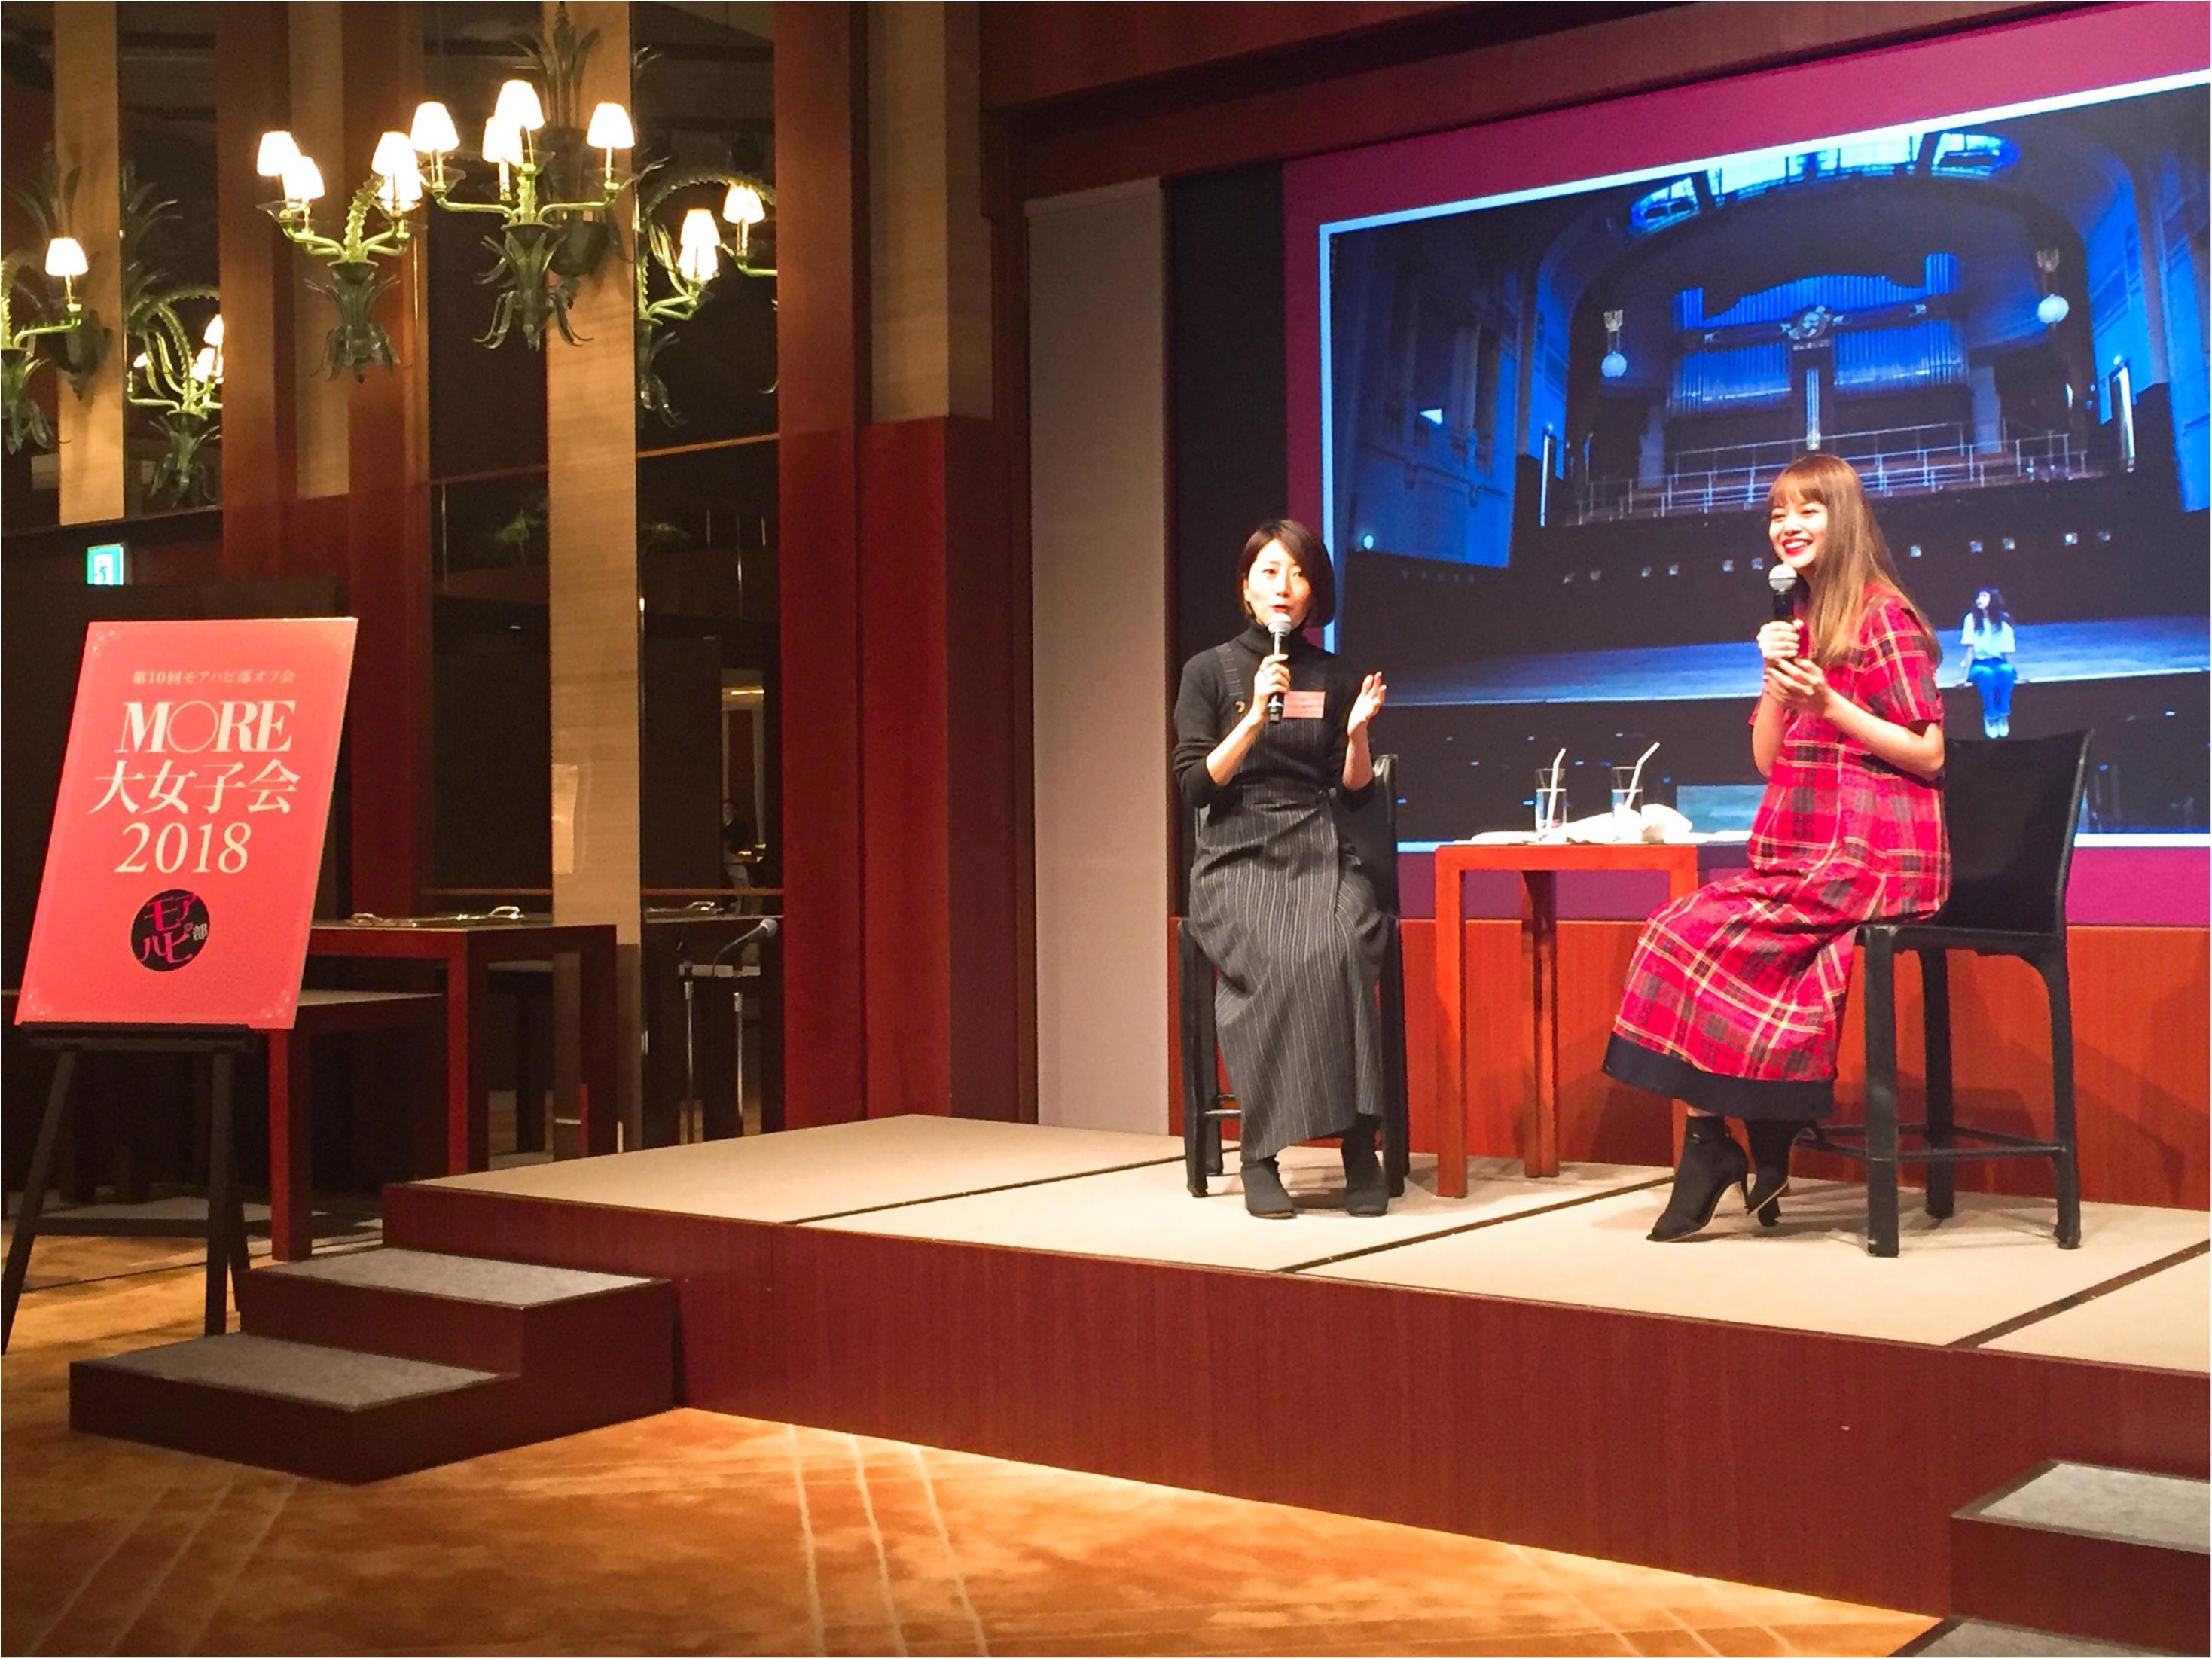 パークハイアット東京39階でモアハピ部女子会♡ゲストは岸本セシルちゃん&ウーマンラッシュ アワーの村本大輔さん✨_6_2